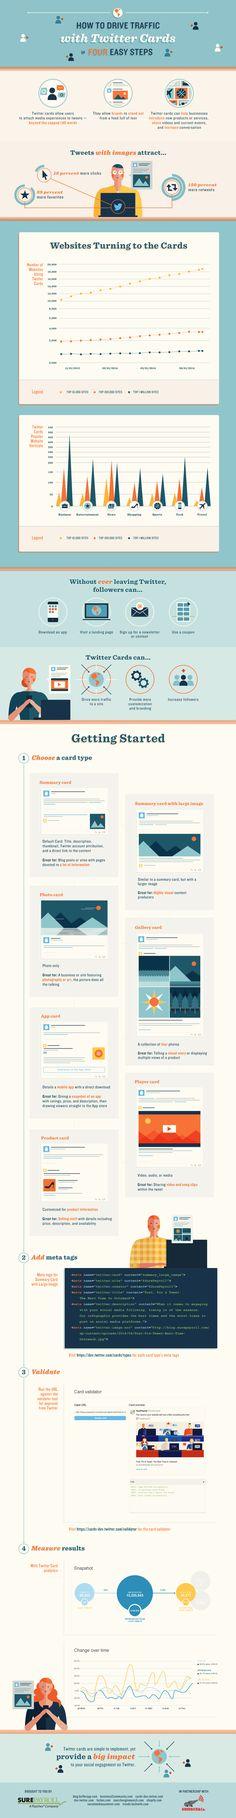 Hola: Una infografía sobre cómo usar Twitter Cards para aumentar el tráfico. Un saludo